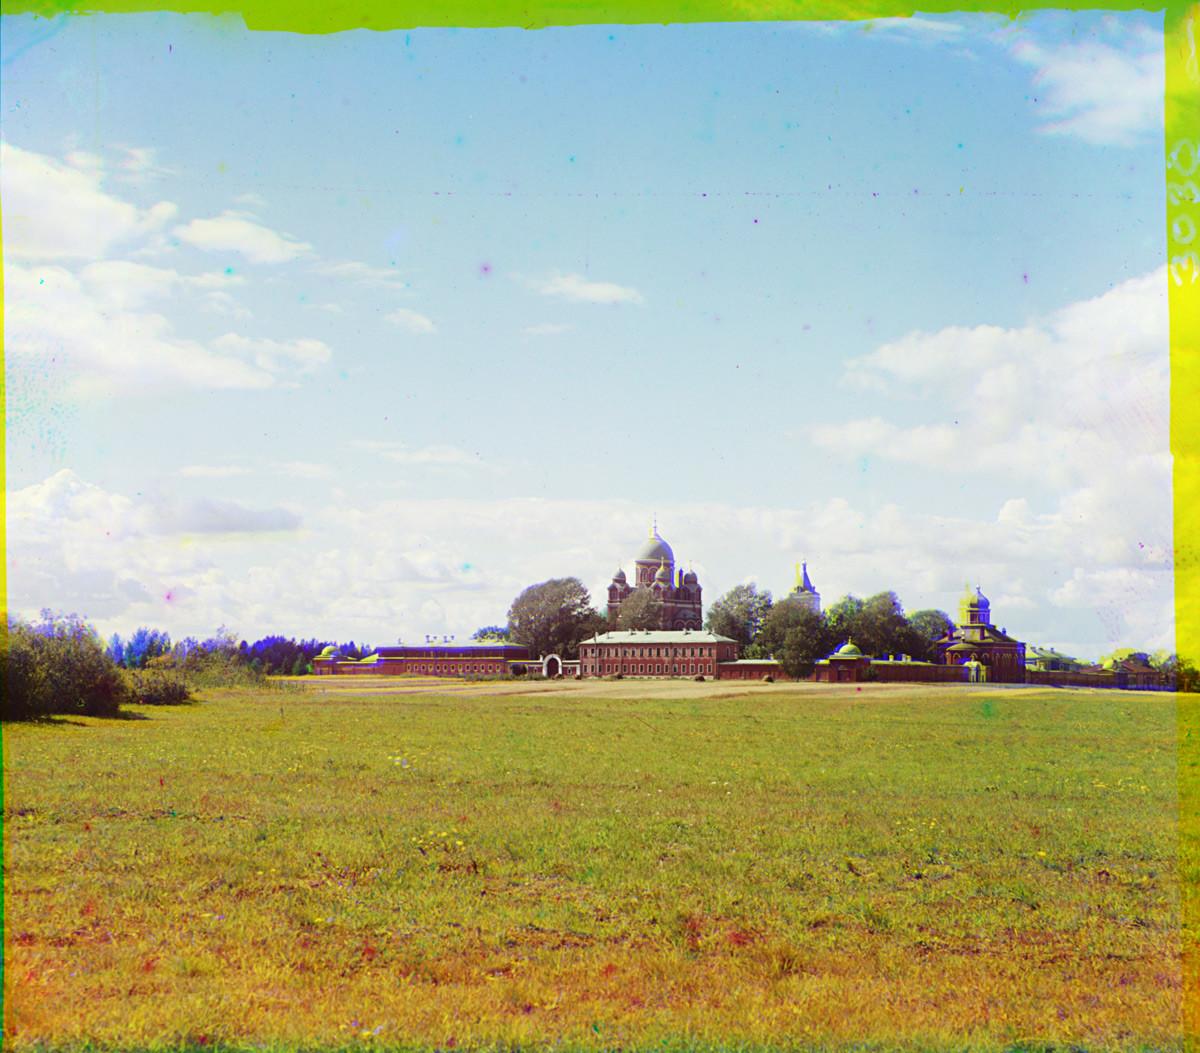 Biara Spaso-Borodino, penampakan timur laut. Dari kiri: Biara Timur, Katedral Ikon Vladimir dan Gereja Pemenggalan kepala Yohanes Pembaptis, penampakan timur laut. Musim panas 1911.